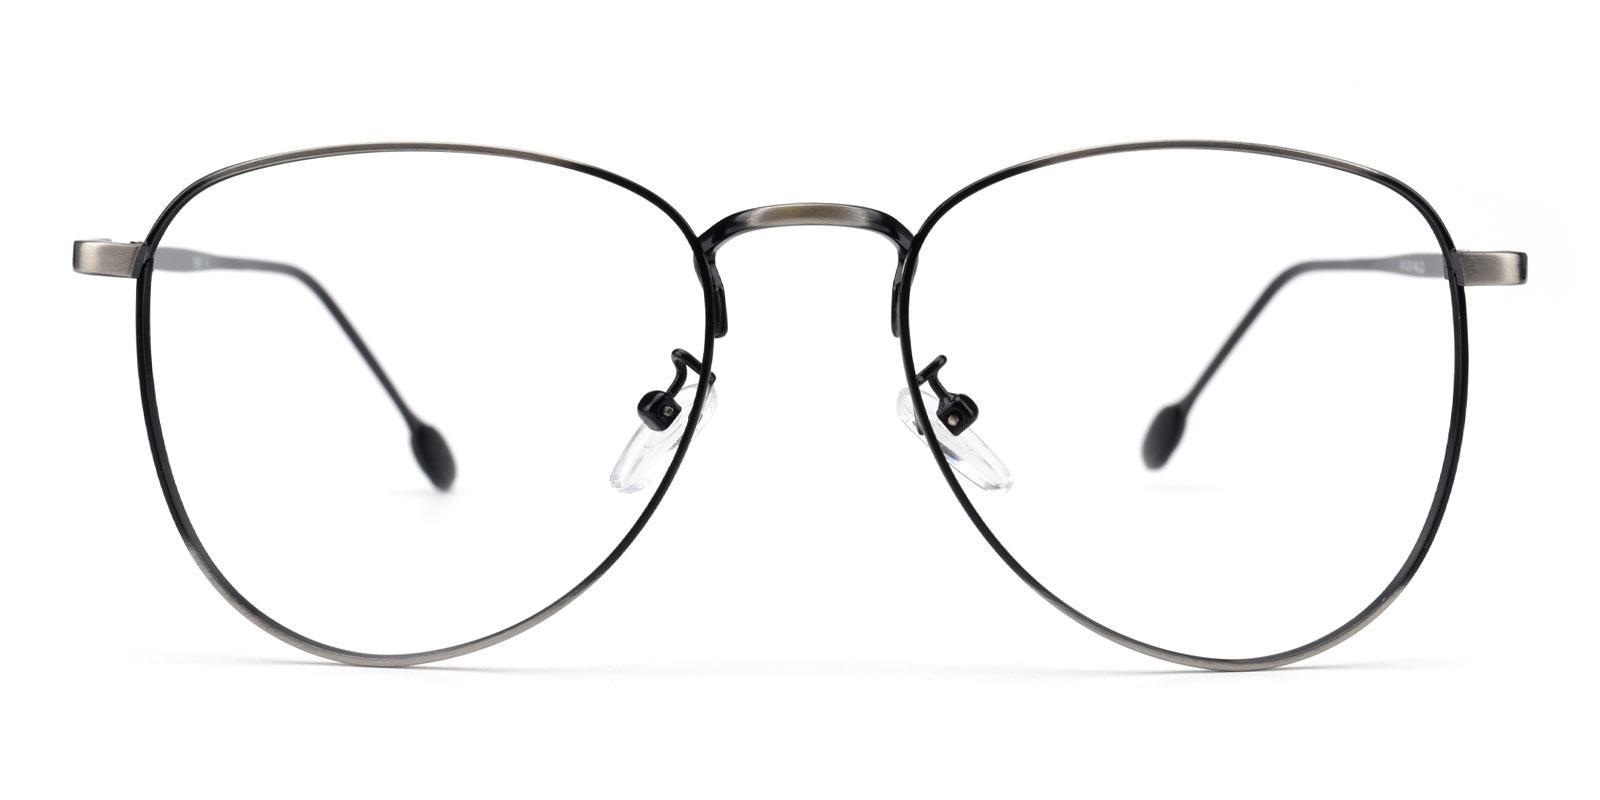 Bernice-Gun-Aviator-Metal-Eyeglasses-additional2